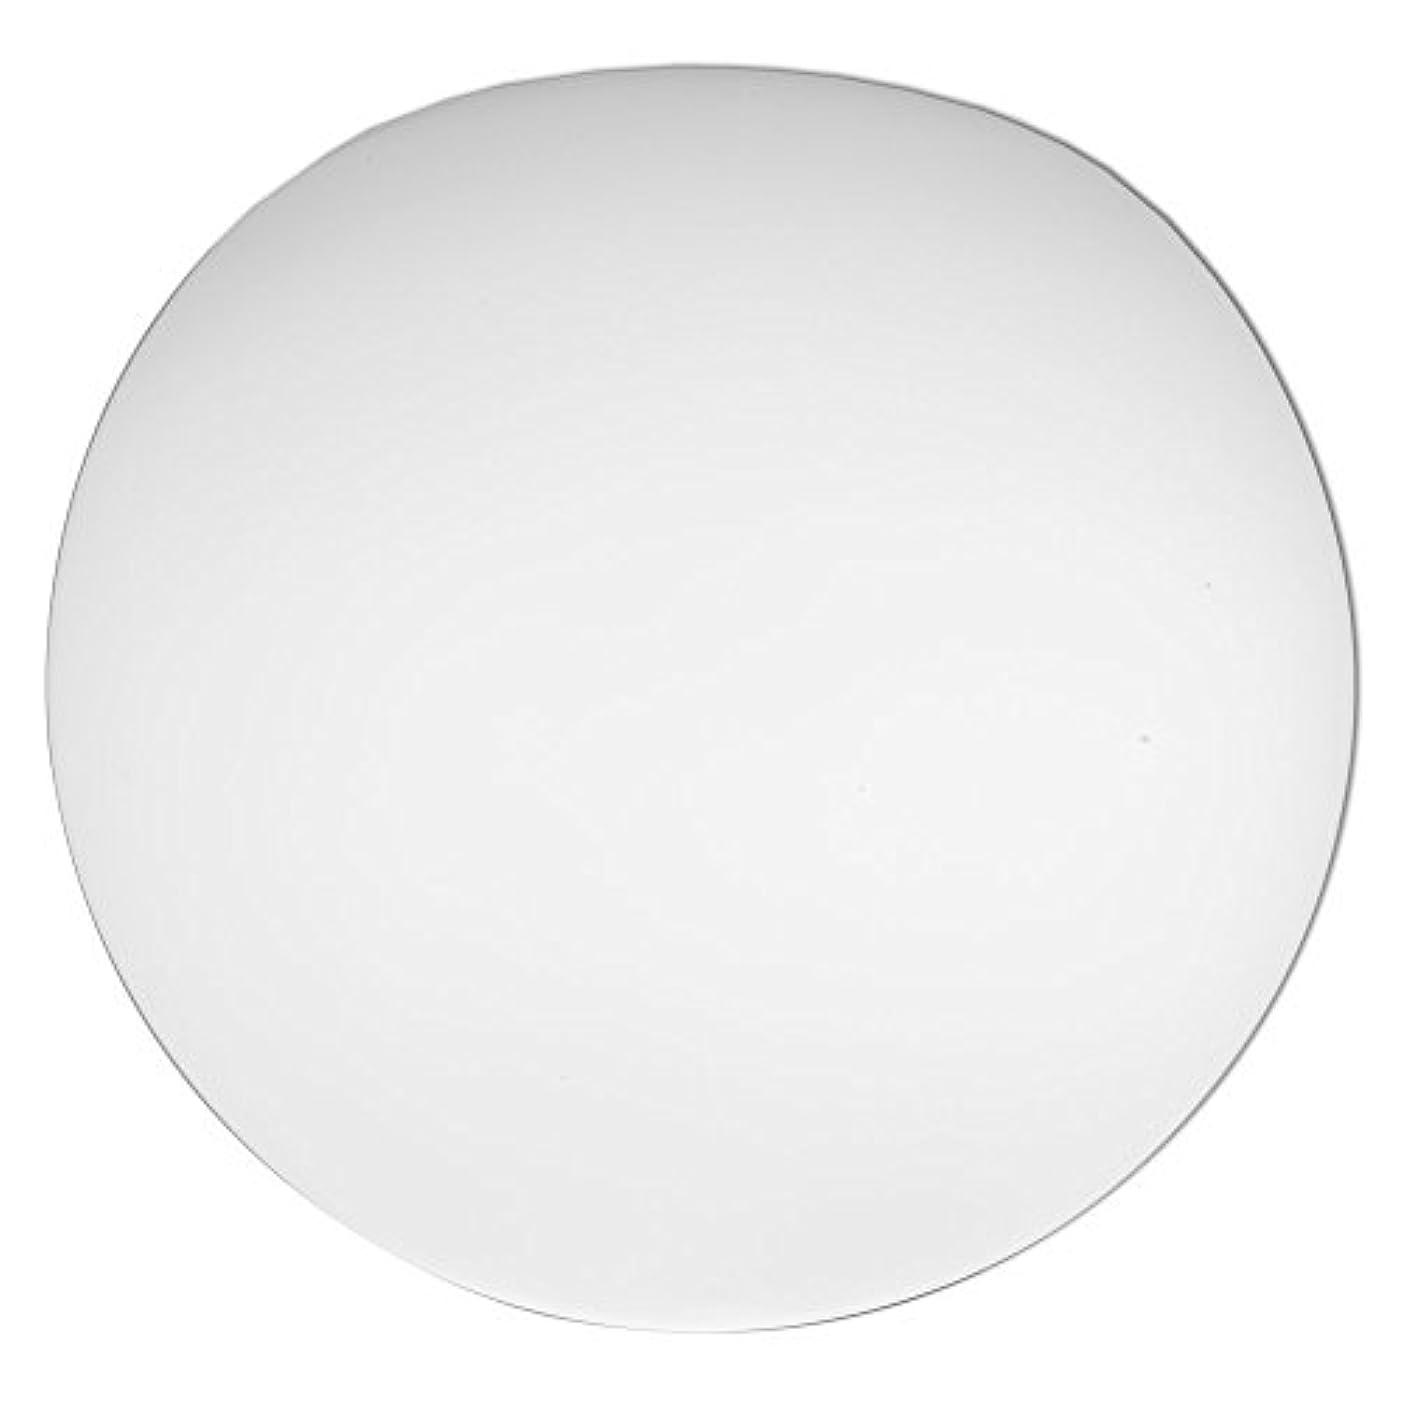 忠実な巻き戻す宅配便Lithonia Lighting DGLOB6 M12 Replacement Glass Diffuser White [並行輸入品]